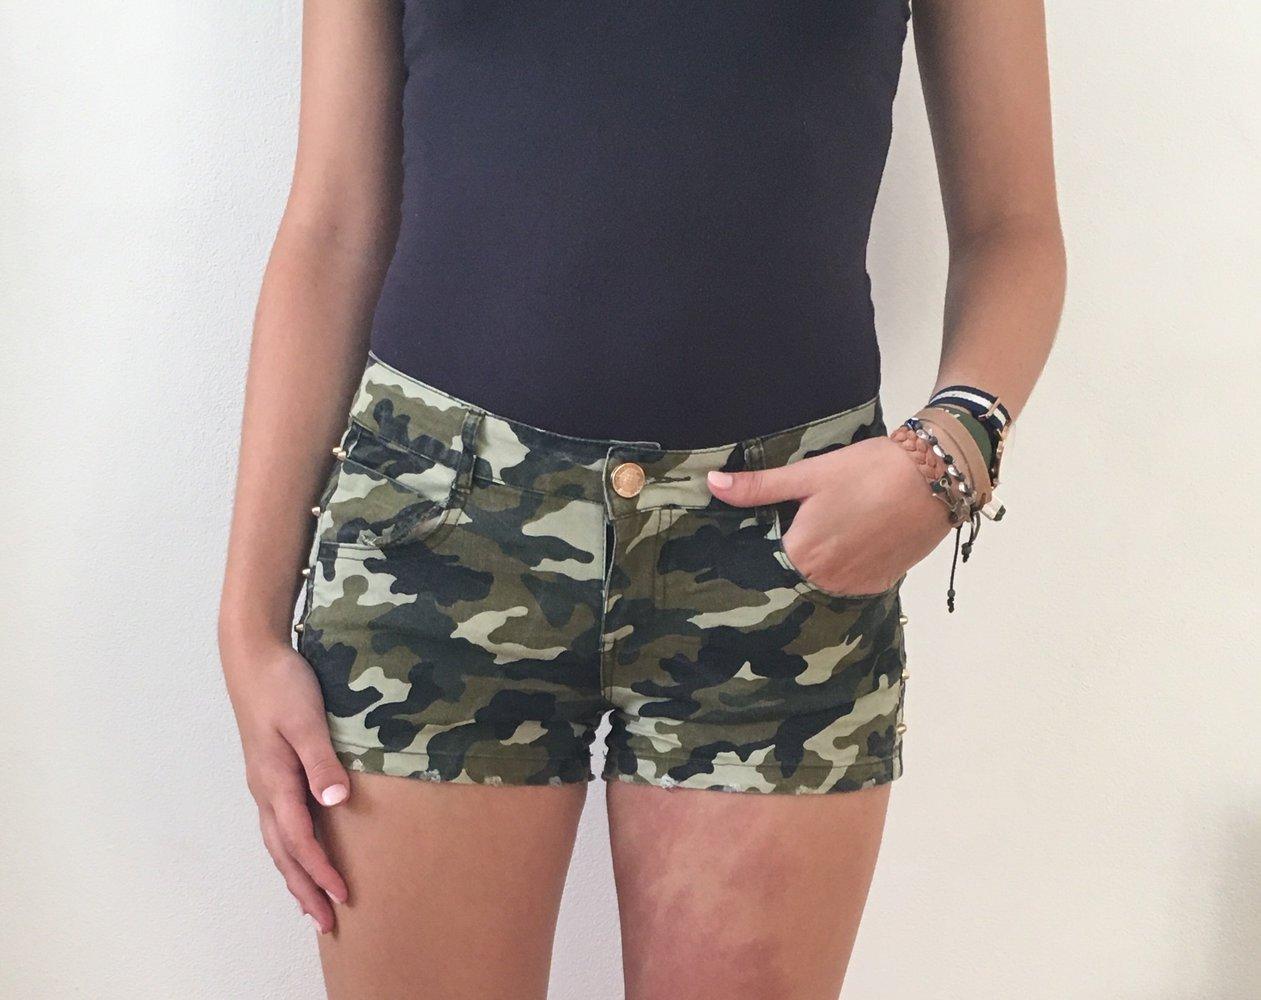 Short kurze Hose in pink weiß mit schönem Muster in Gr M im Boho Ibiza Style